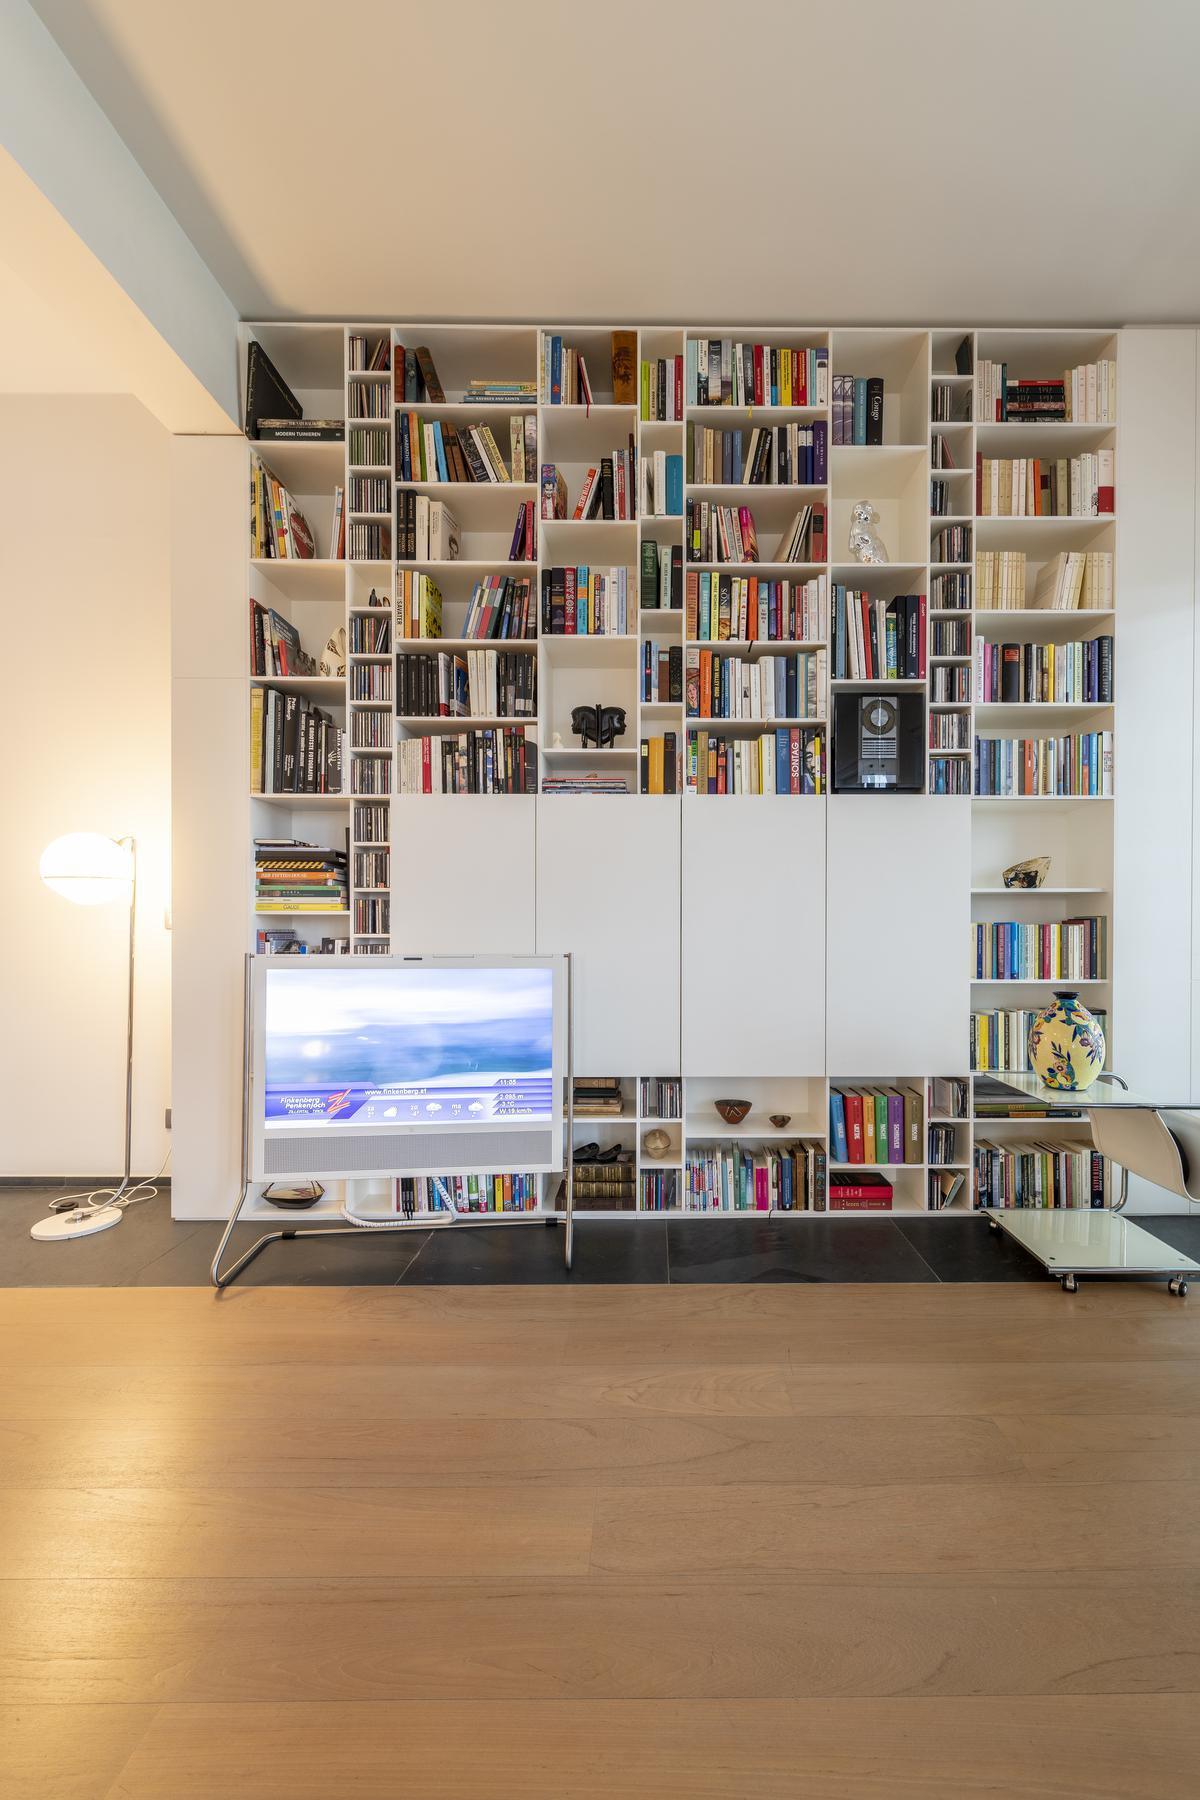 Bart, een echte boekenwurm, is bijzonder trots op zijn bibliotheek.© Pieter Clicteur